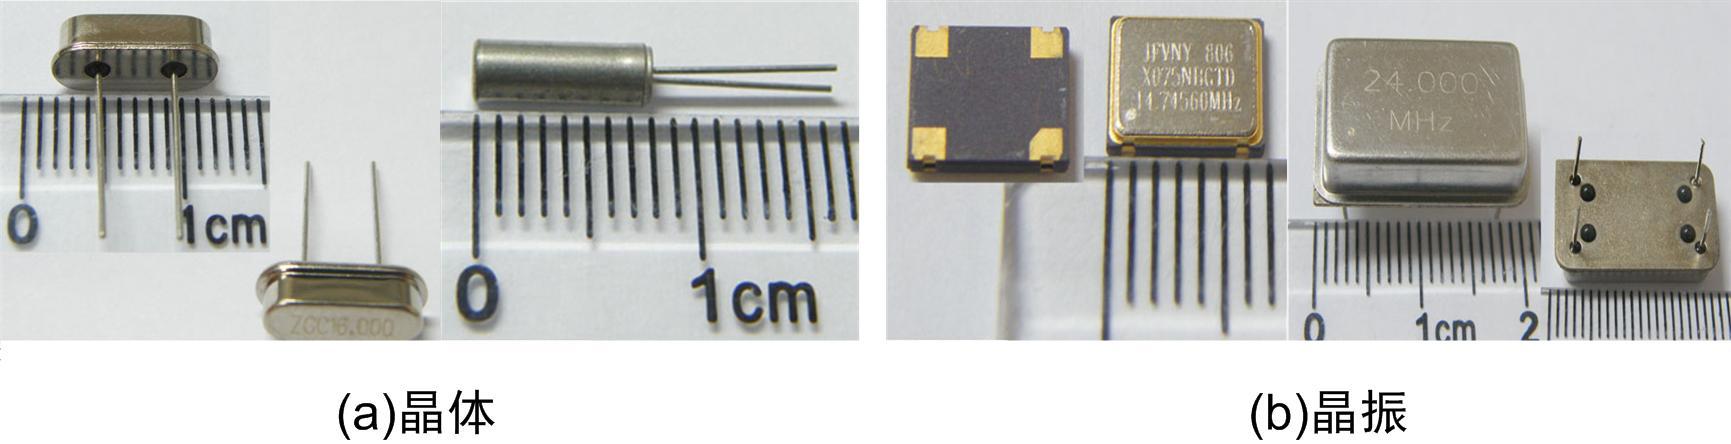 频率:由晶振的调整频差(25±2)可以知道,晶体频率在其容忍频率范围内变动是允许的。表4中的测试频率均在允许范围内,并且变动范围较小。      占空比:数字系统对占空比要求并不严格,如果用在精确占空比的场合,用户需要对该参数进行筛选和测试。      启动时间:使用示波器的电平触发功能,测量从系统上电到输出稳定波形的时间。      高低温测试:根据晶体的工作温度,分别测试和记录了电路在85、70、50、25、0、-20、-40下的输出频率、占空比等参数,晶振均能顺利启